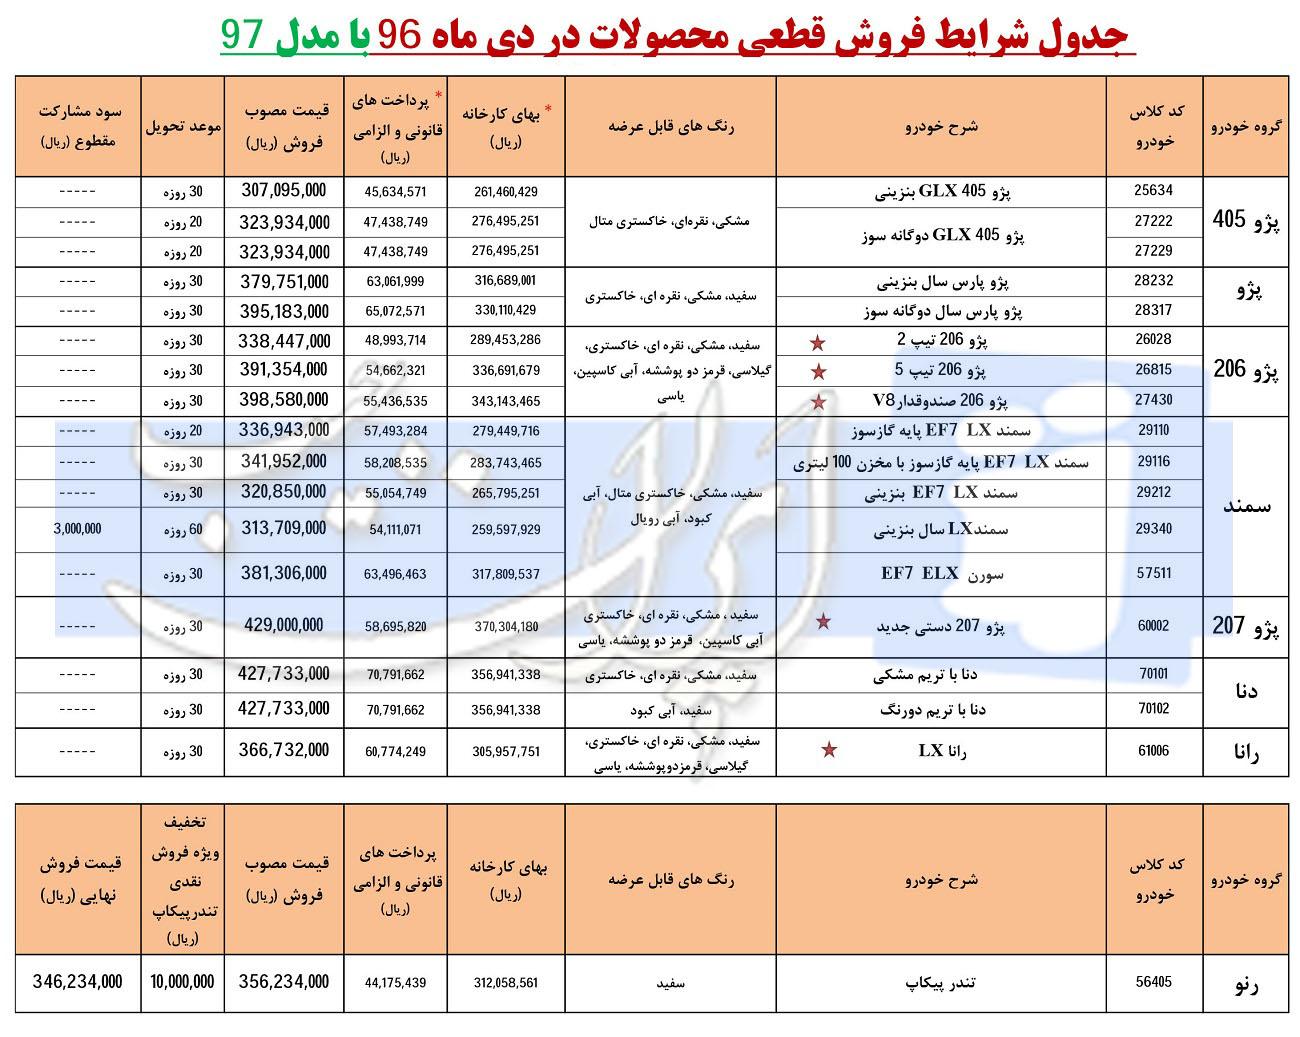 شرایط فروش فوری محصولات ایران خودرو با مدل 97 - دی 96